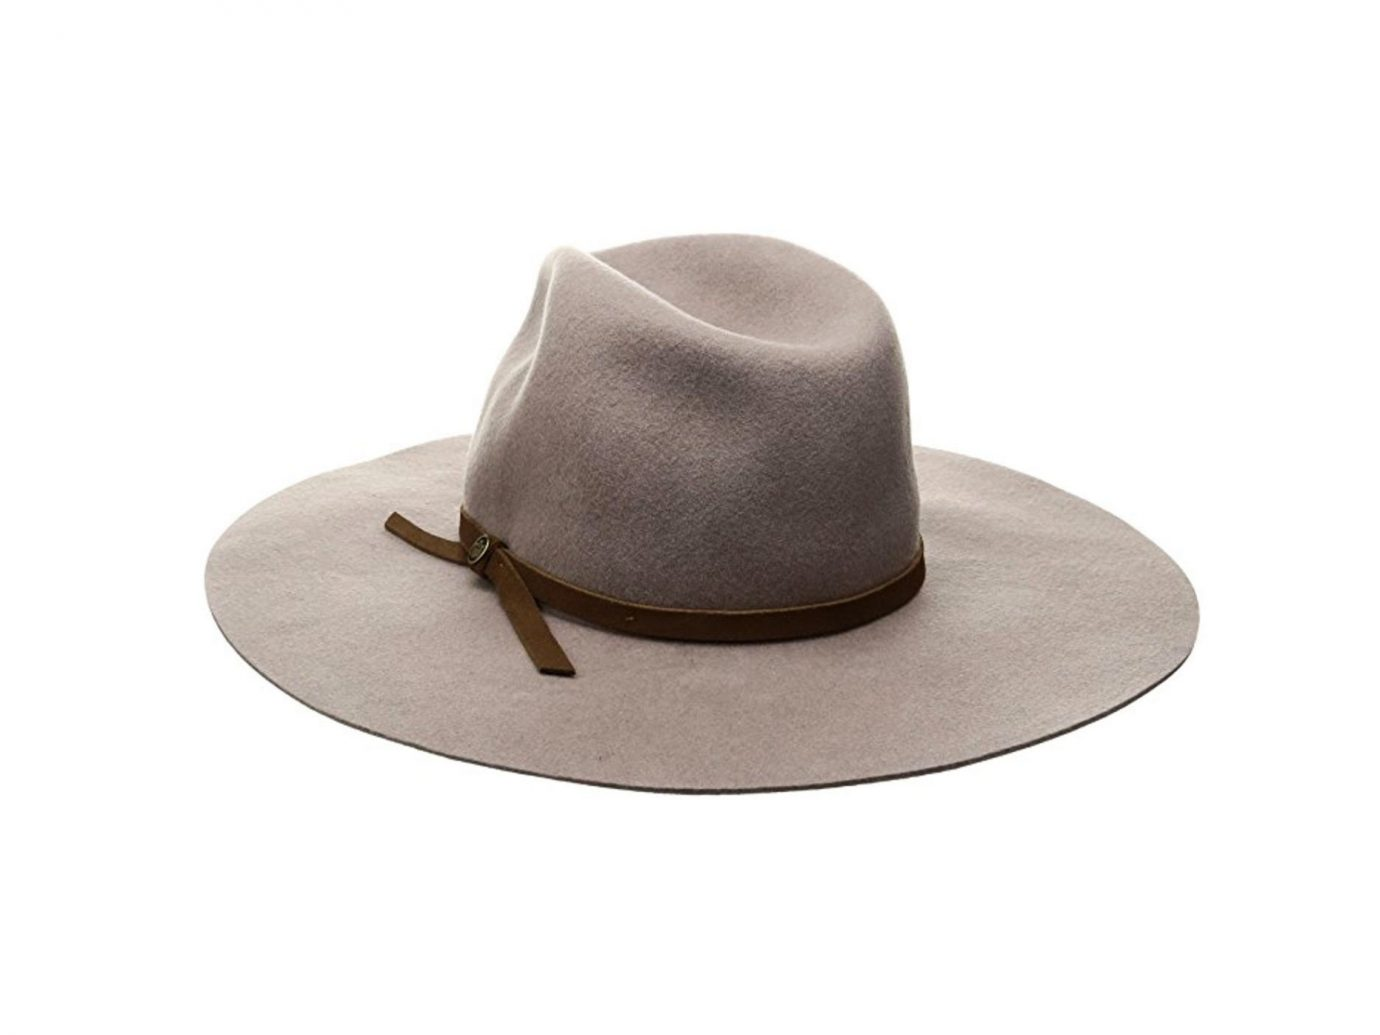 Style + Design hat headdress clothing fashion accessory costume hat fedora cowboy hat baseball cap headgear sun hat cap white costume accessory